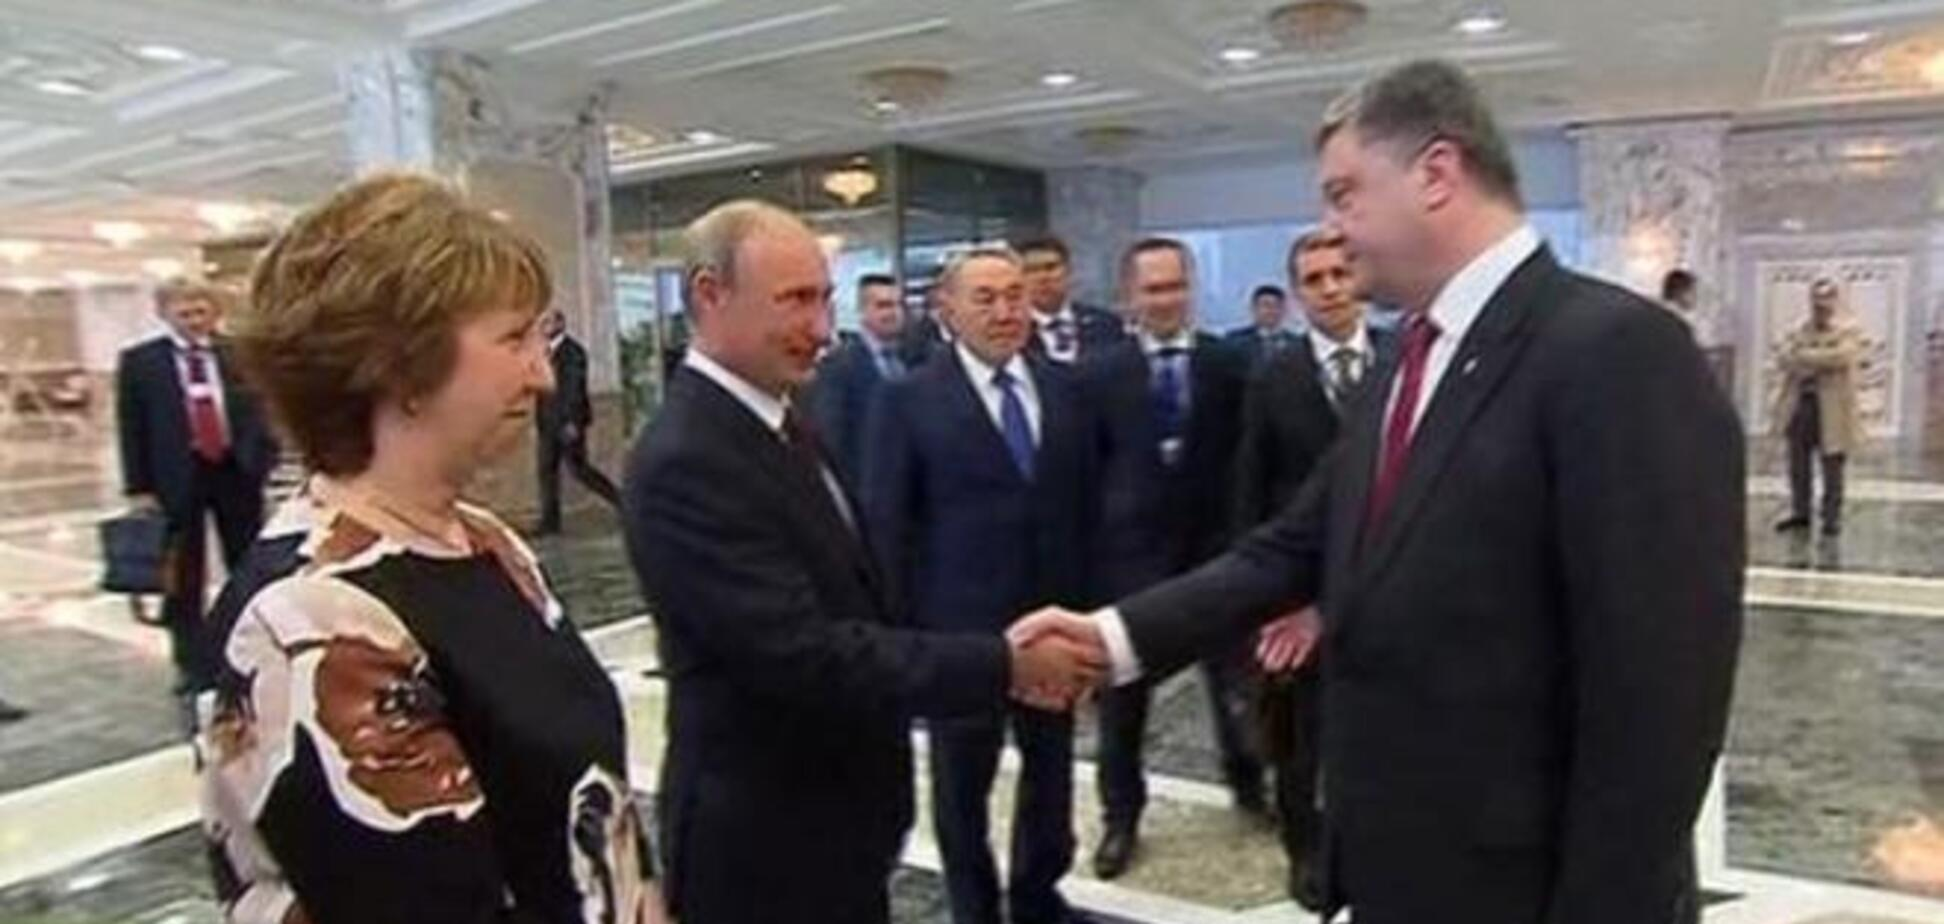 У Мінську стартував саміт: Путін і Порошенко потиснули один одному руки